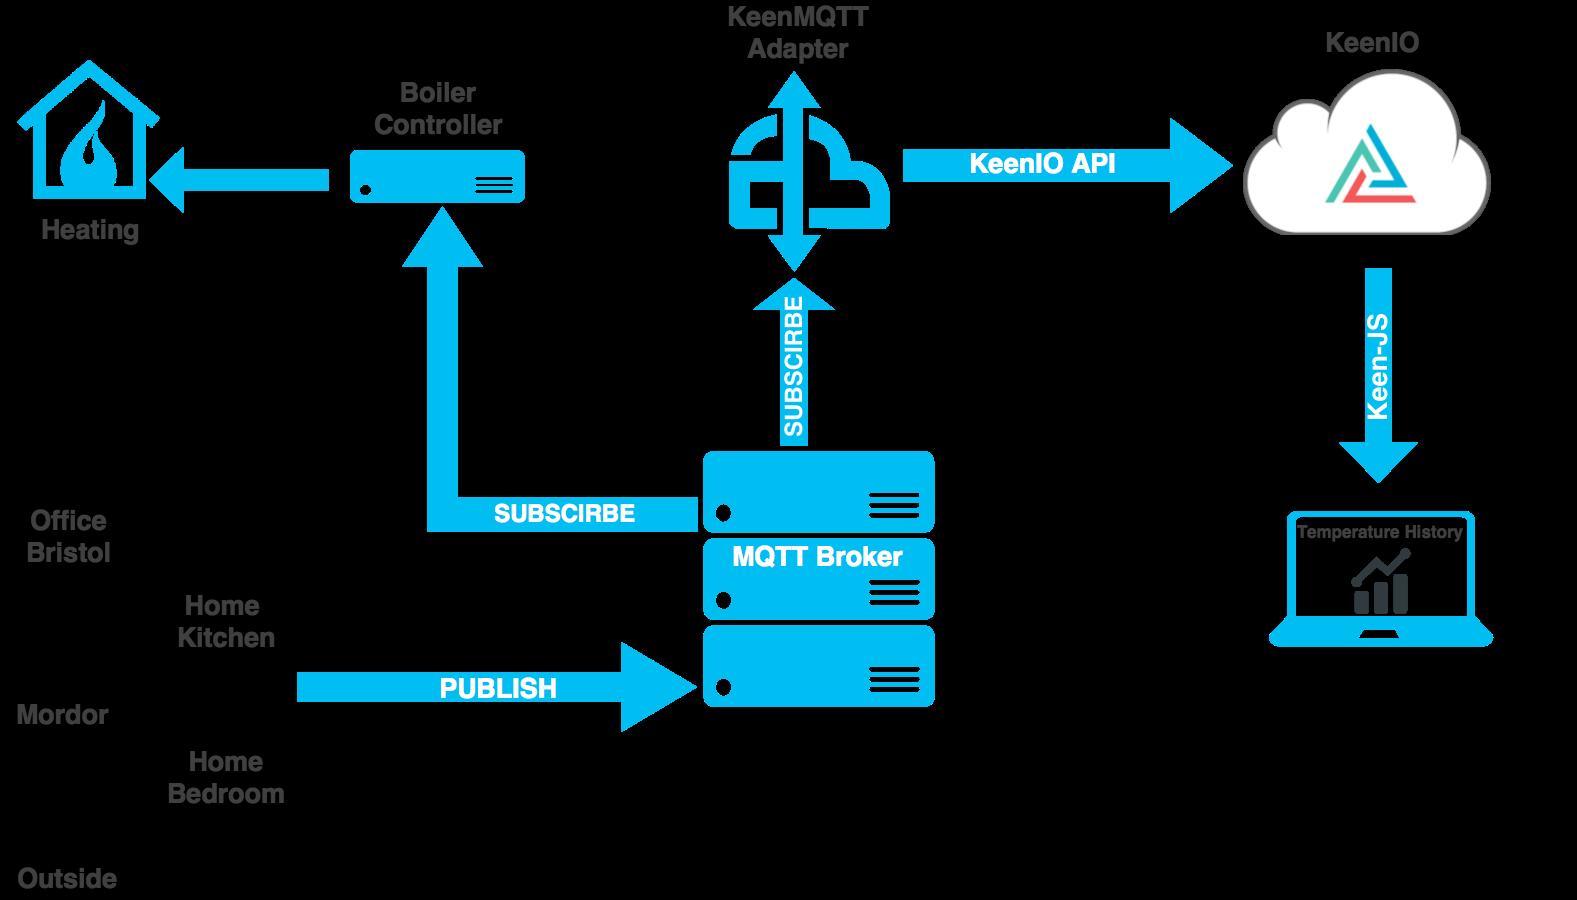 System Diagram of keenmqtt